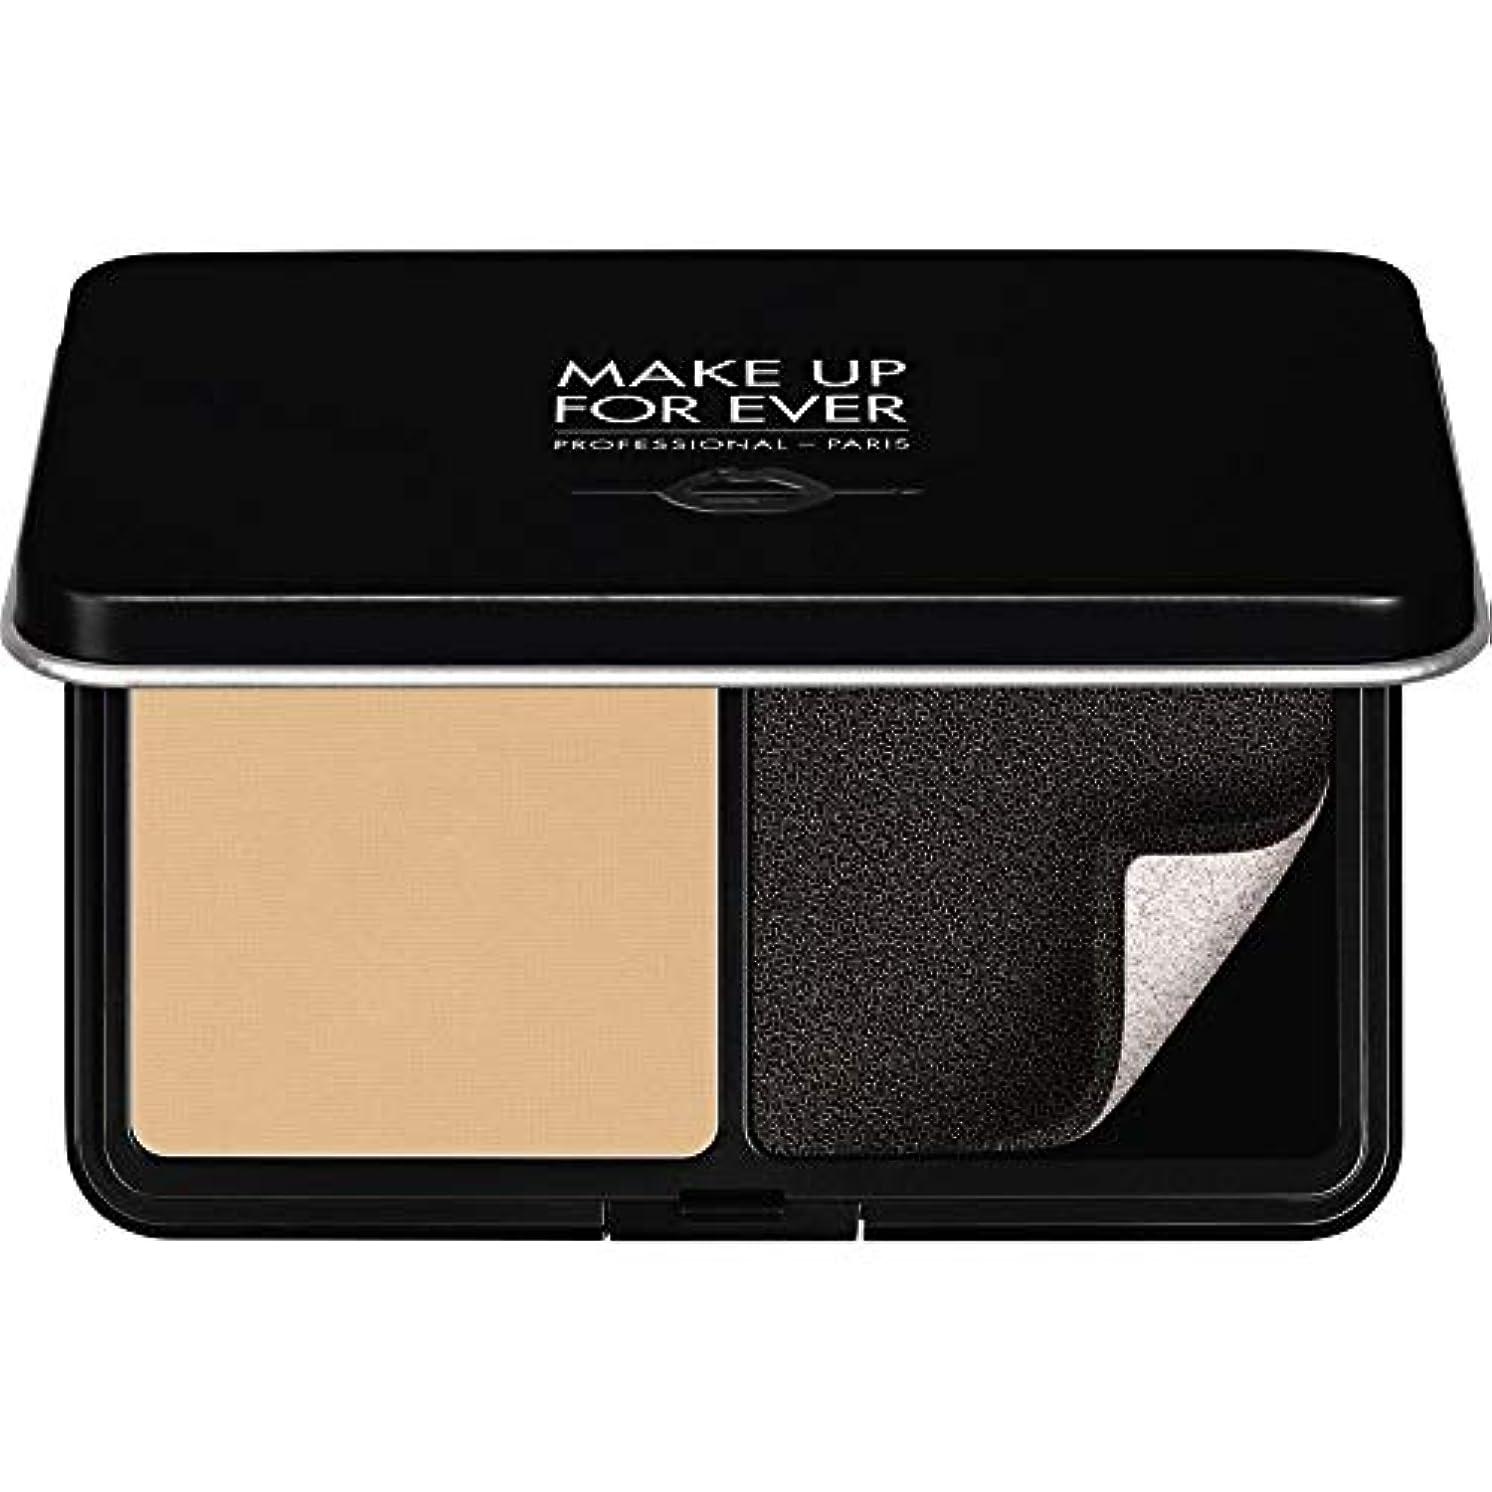 輸血付添人[MAKE UP FOR EVER ] パウダーファンデーション11GののY225をぼかし、これまでマットベルベットの肌を補う - 大理石 - MAKE UP FOR EVER Matte Velvet Skin Blurring Powder Foundation 11g Y225 - Marble [並行輸入品]